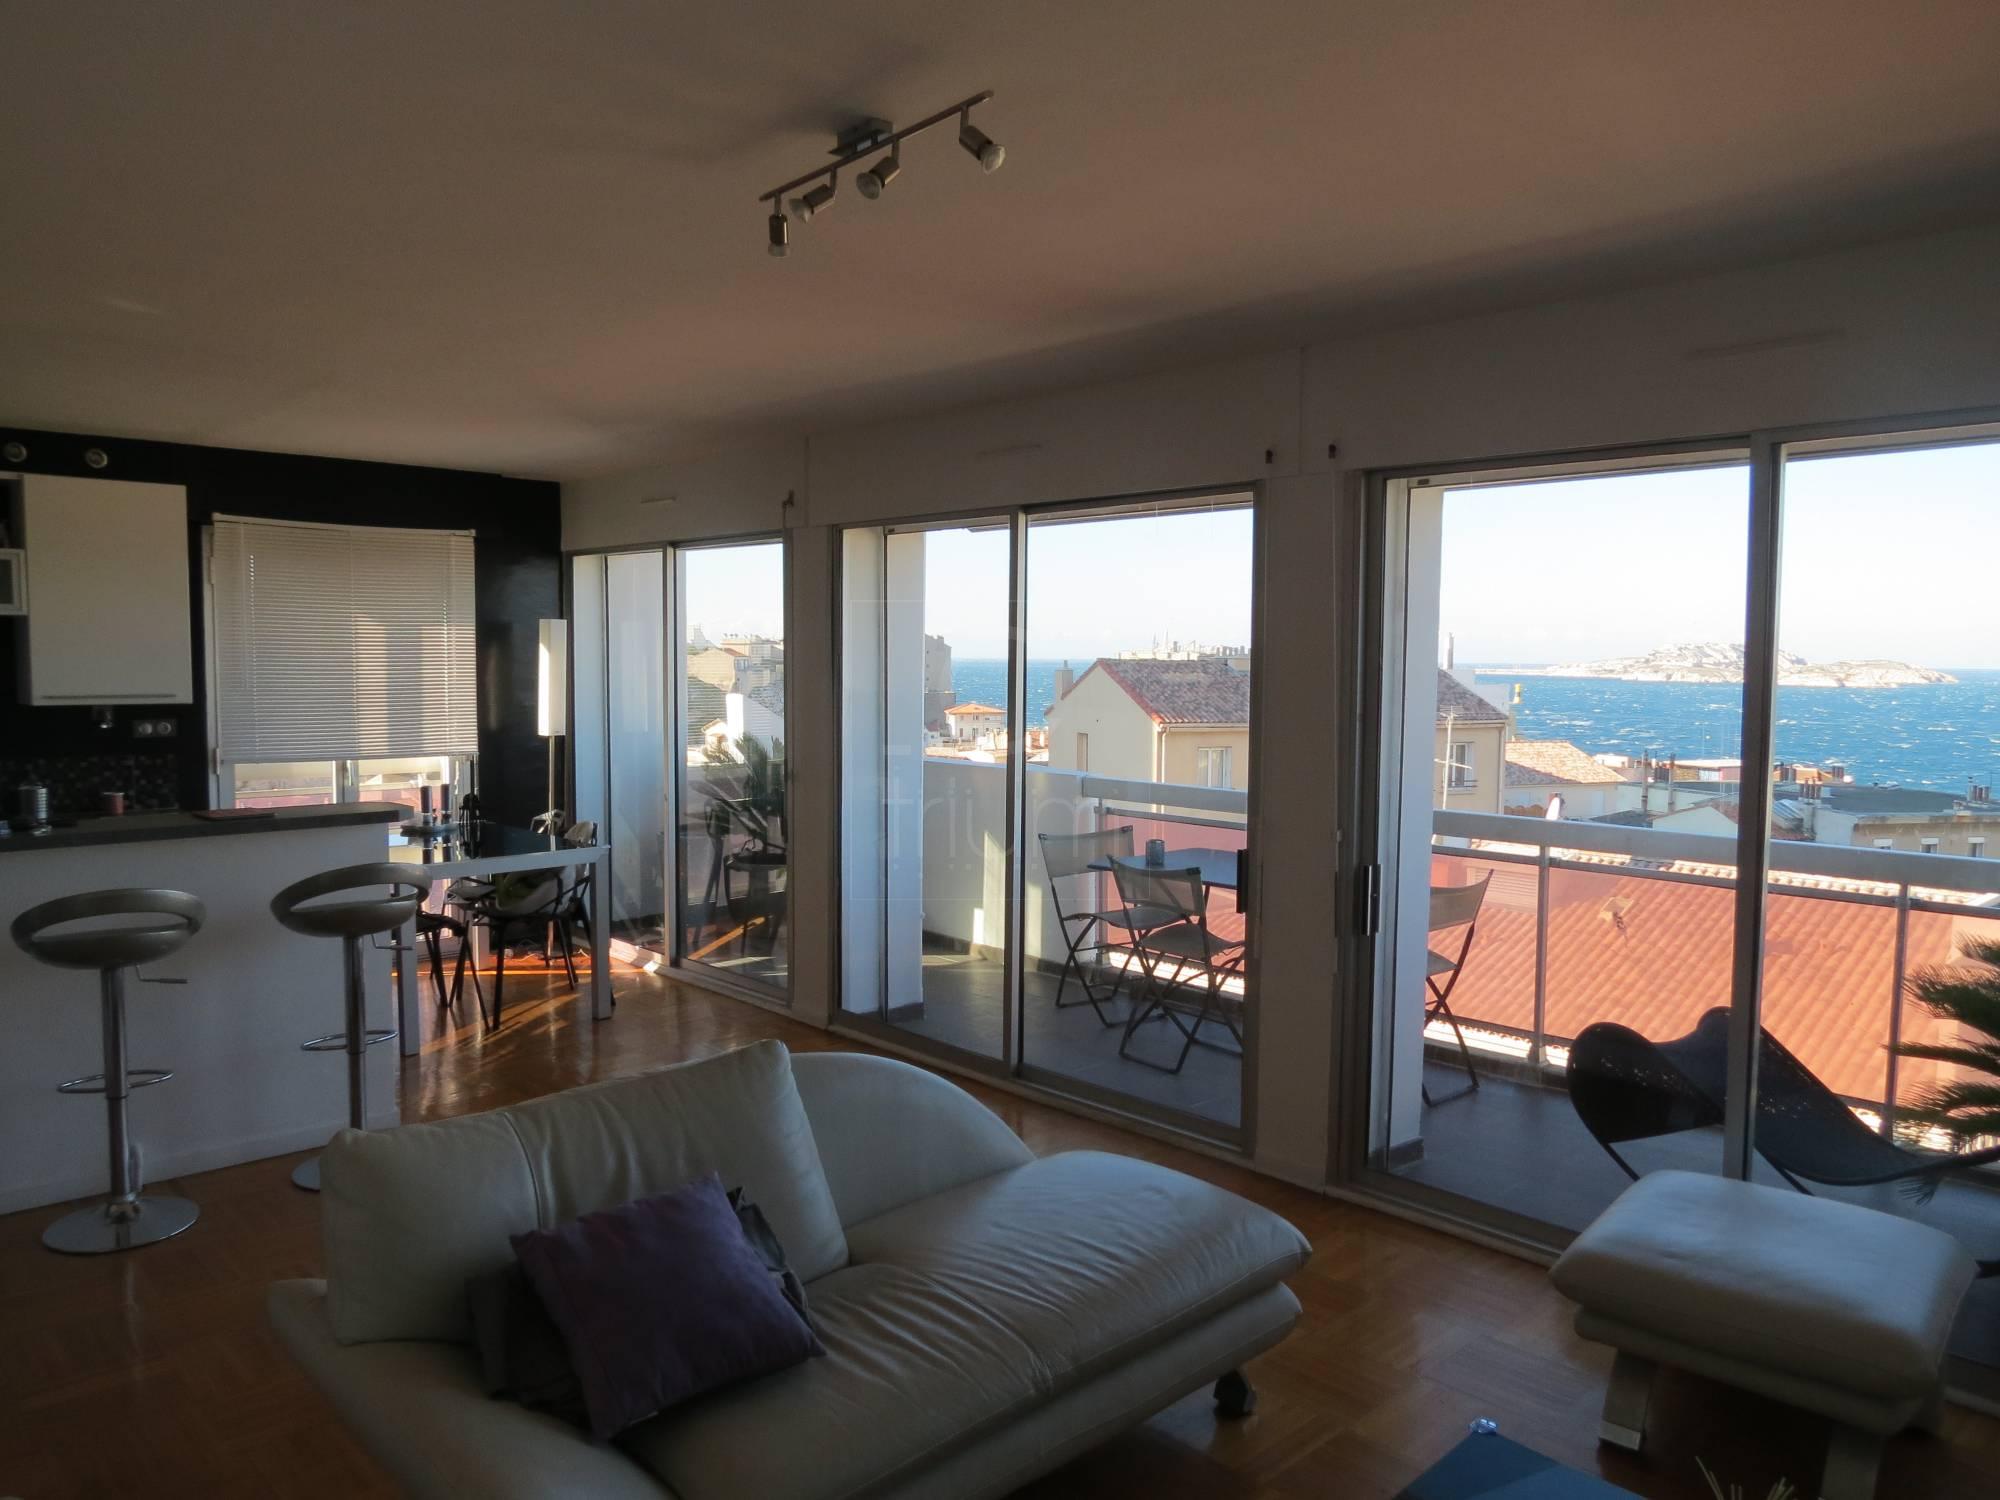 Location appartement Aix-en-Provence: des possibilités intéressantes